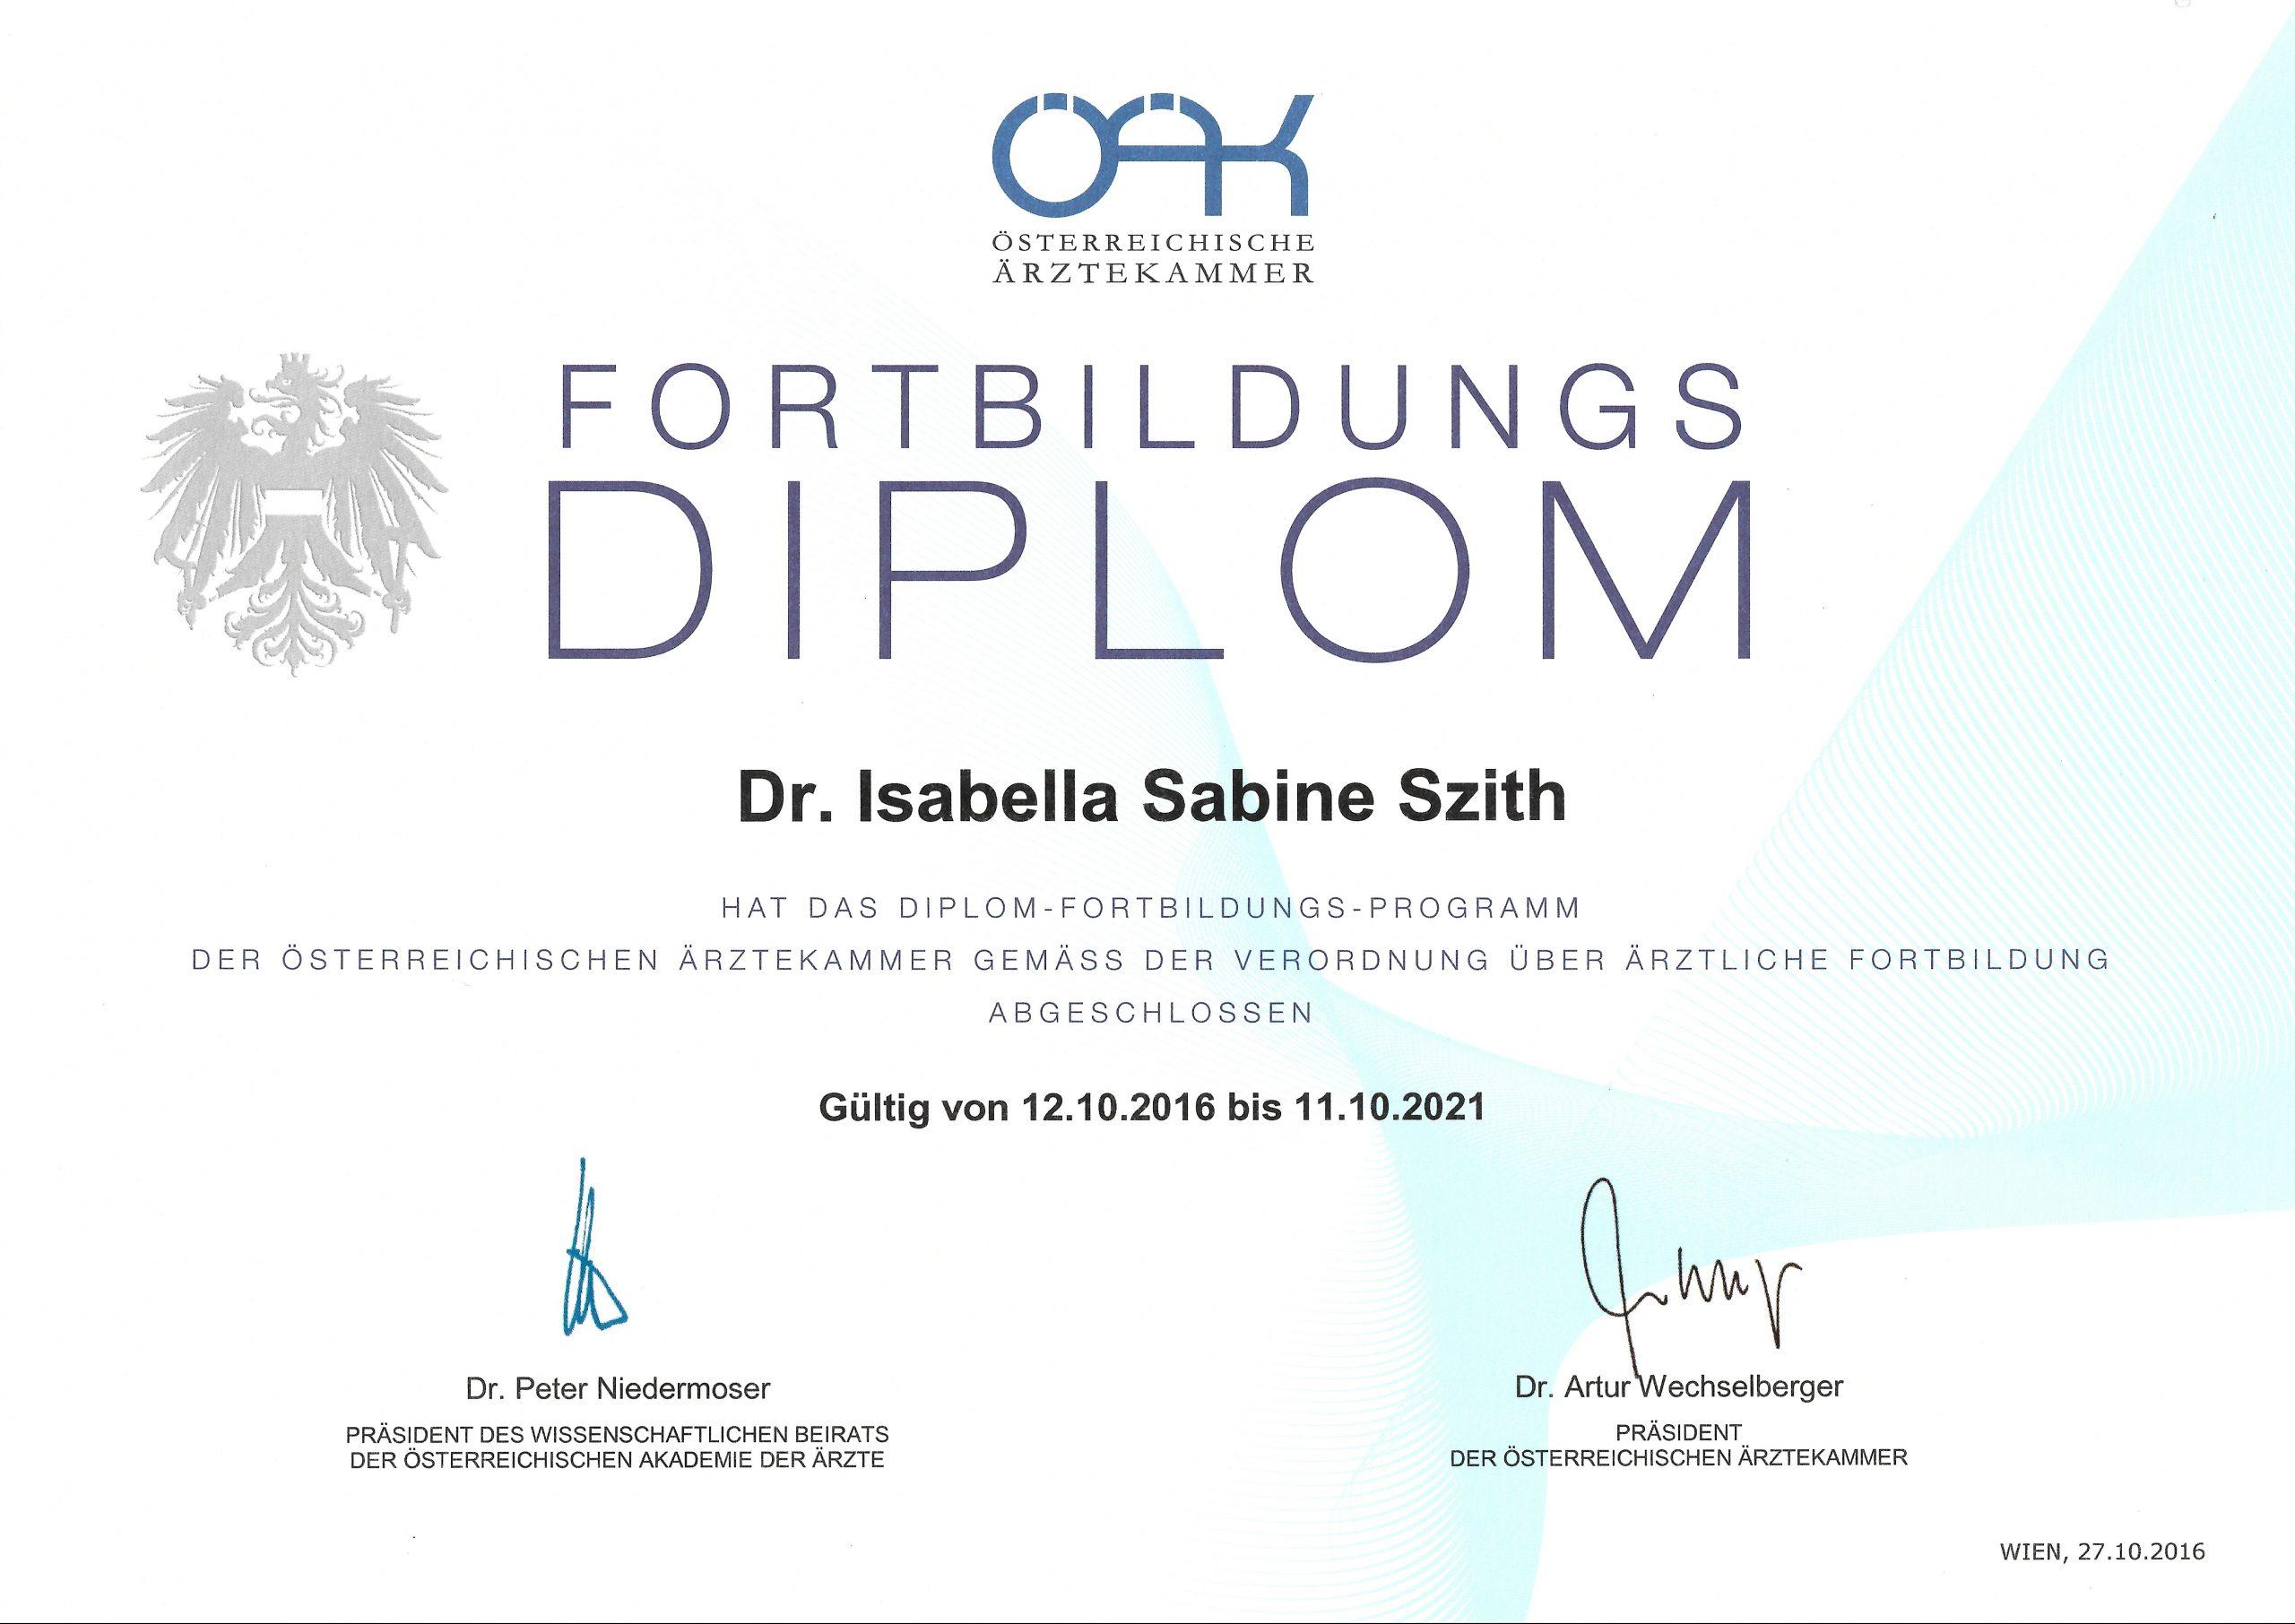 DFP Diplom